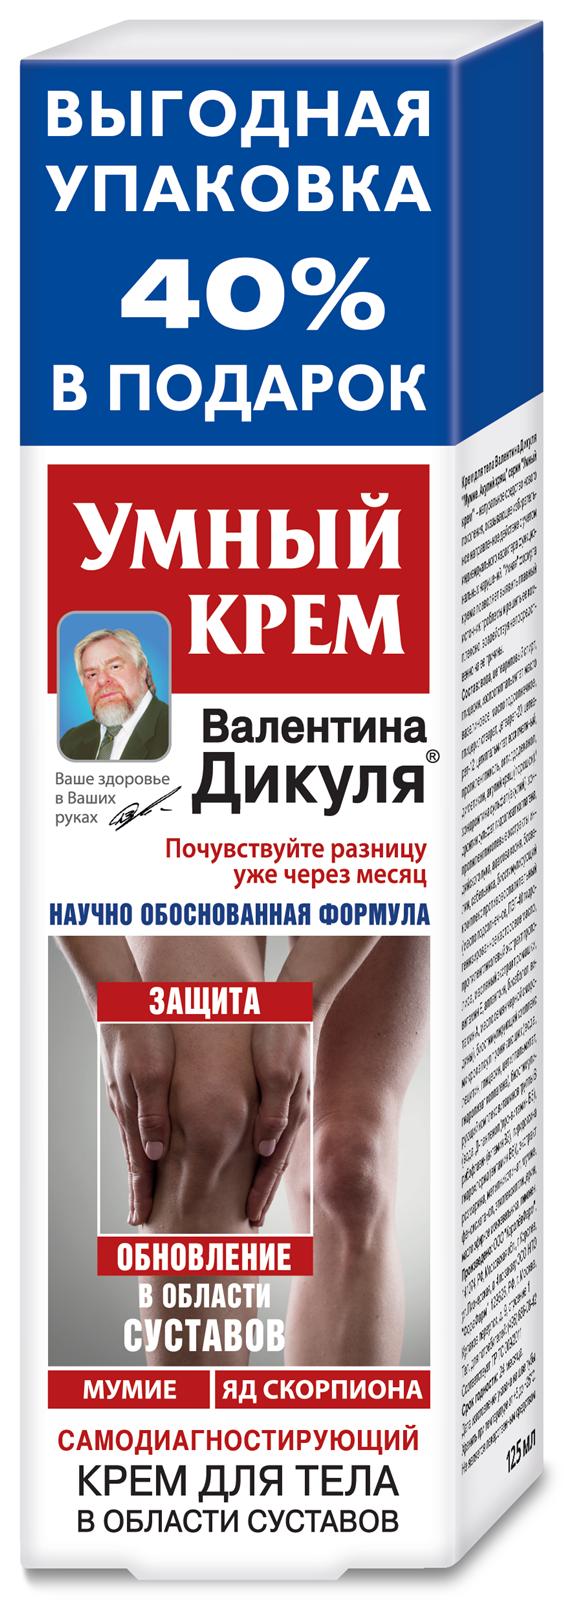 Купить Крем для тела Умный крем В.Дикуль (мумие и яд скорпиона) 125 мл, КоролевФарм